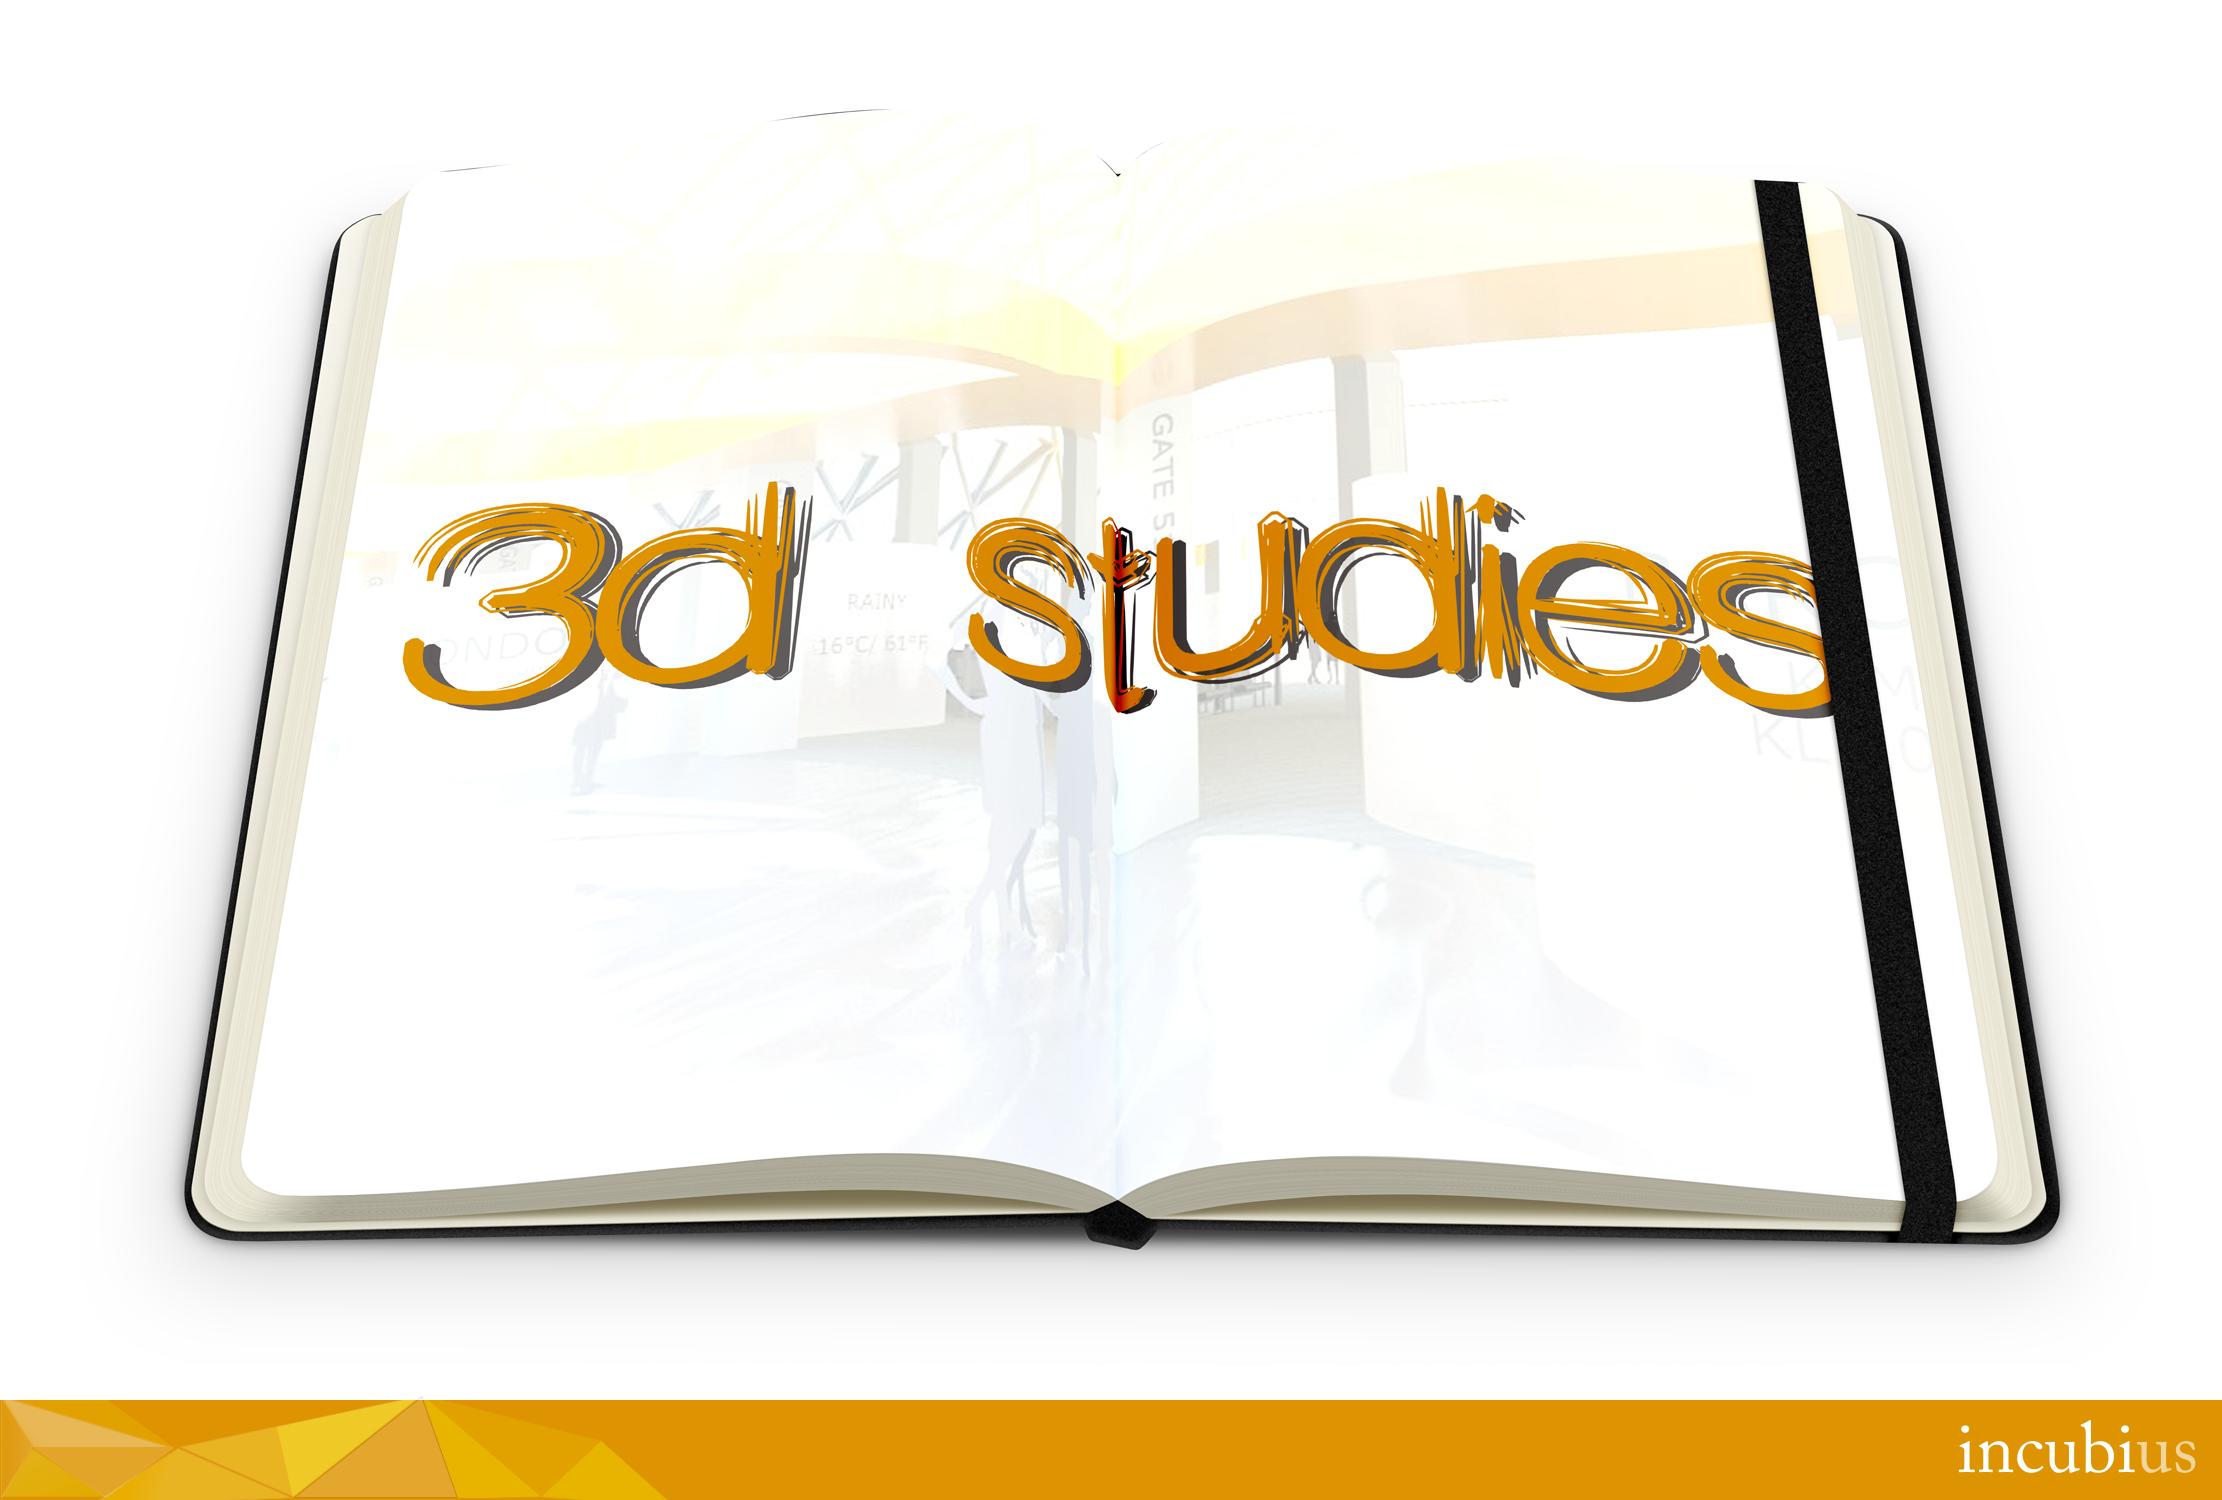 3d studies_destination_clouds_incubious_travel_service_design_vieran_hodko.png